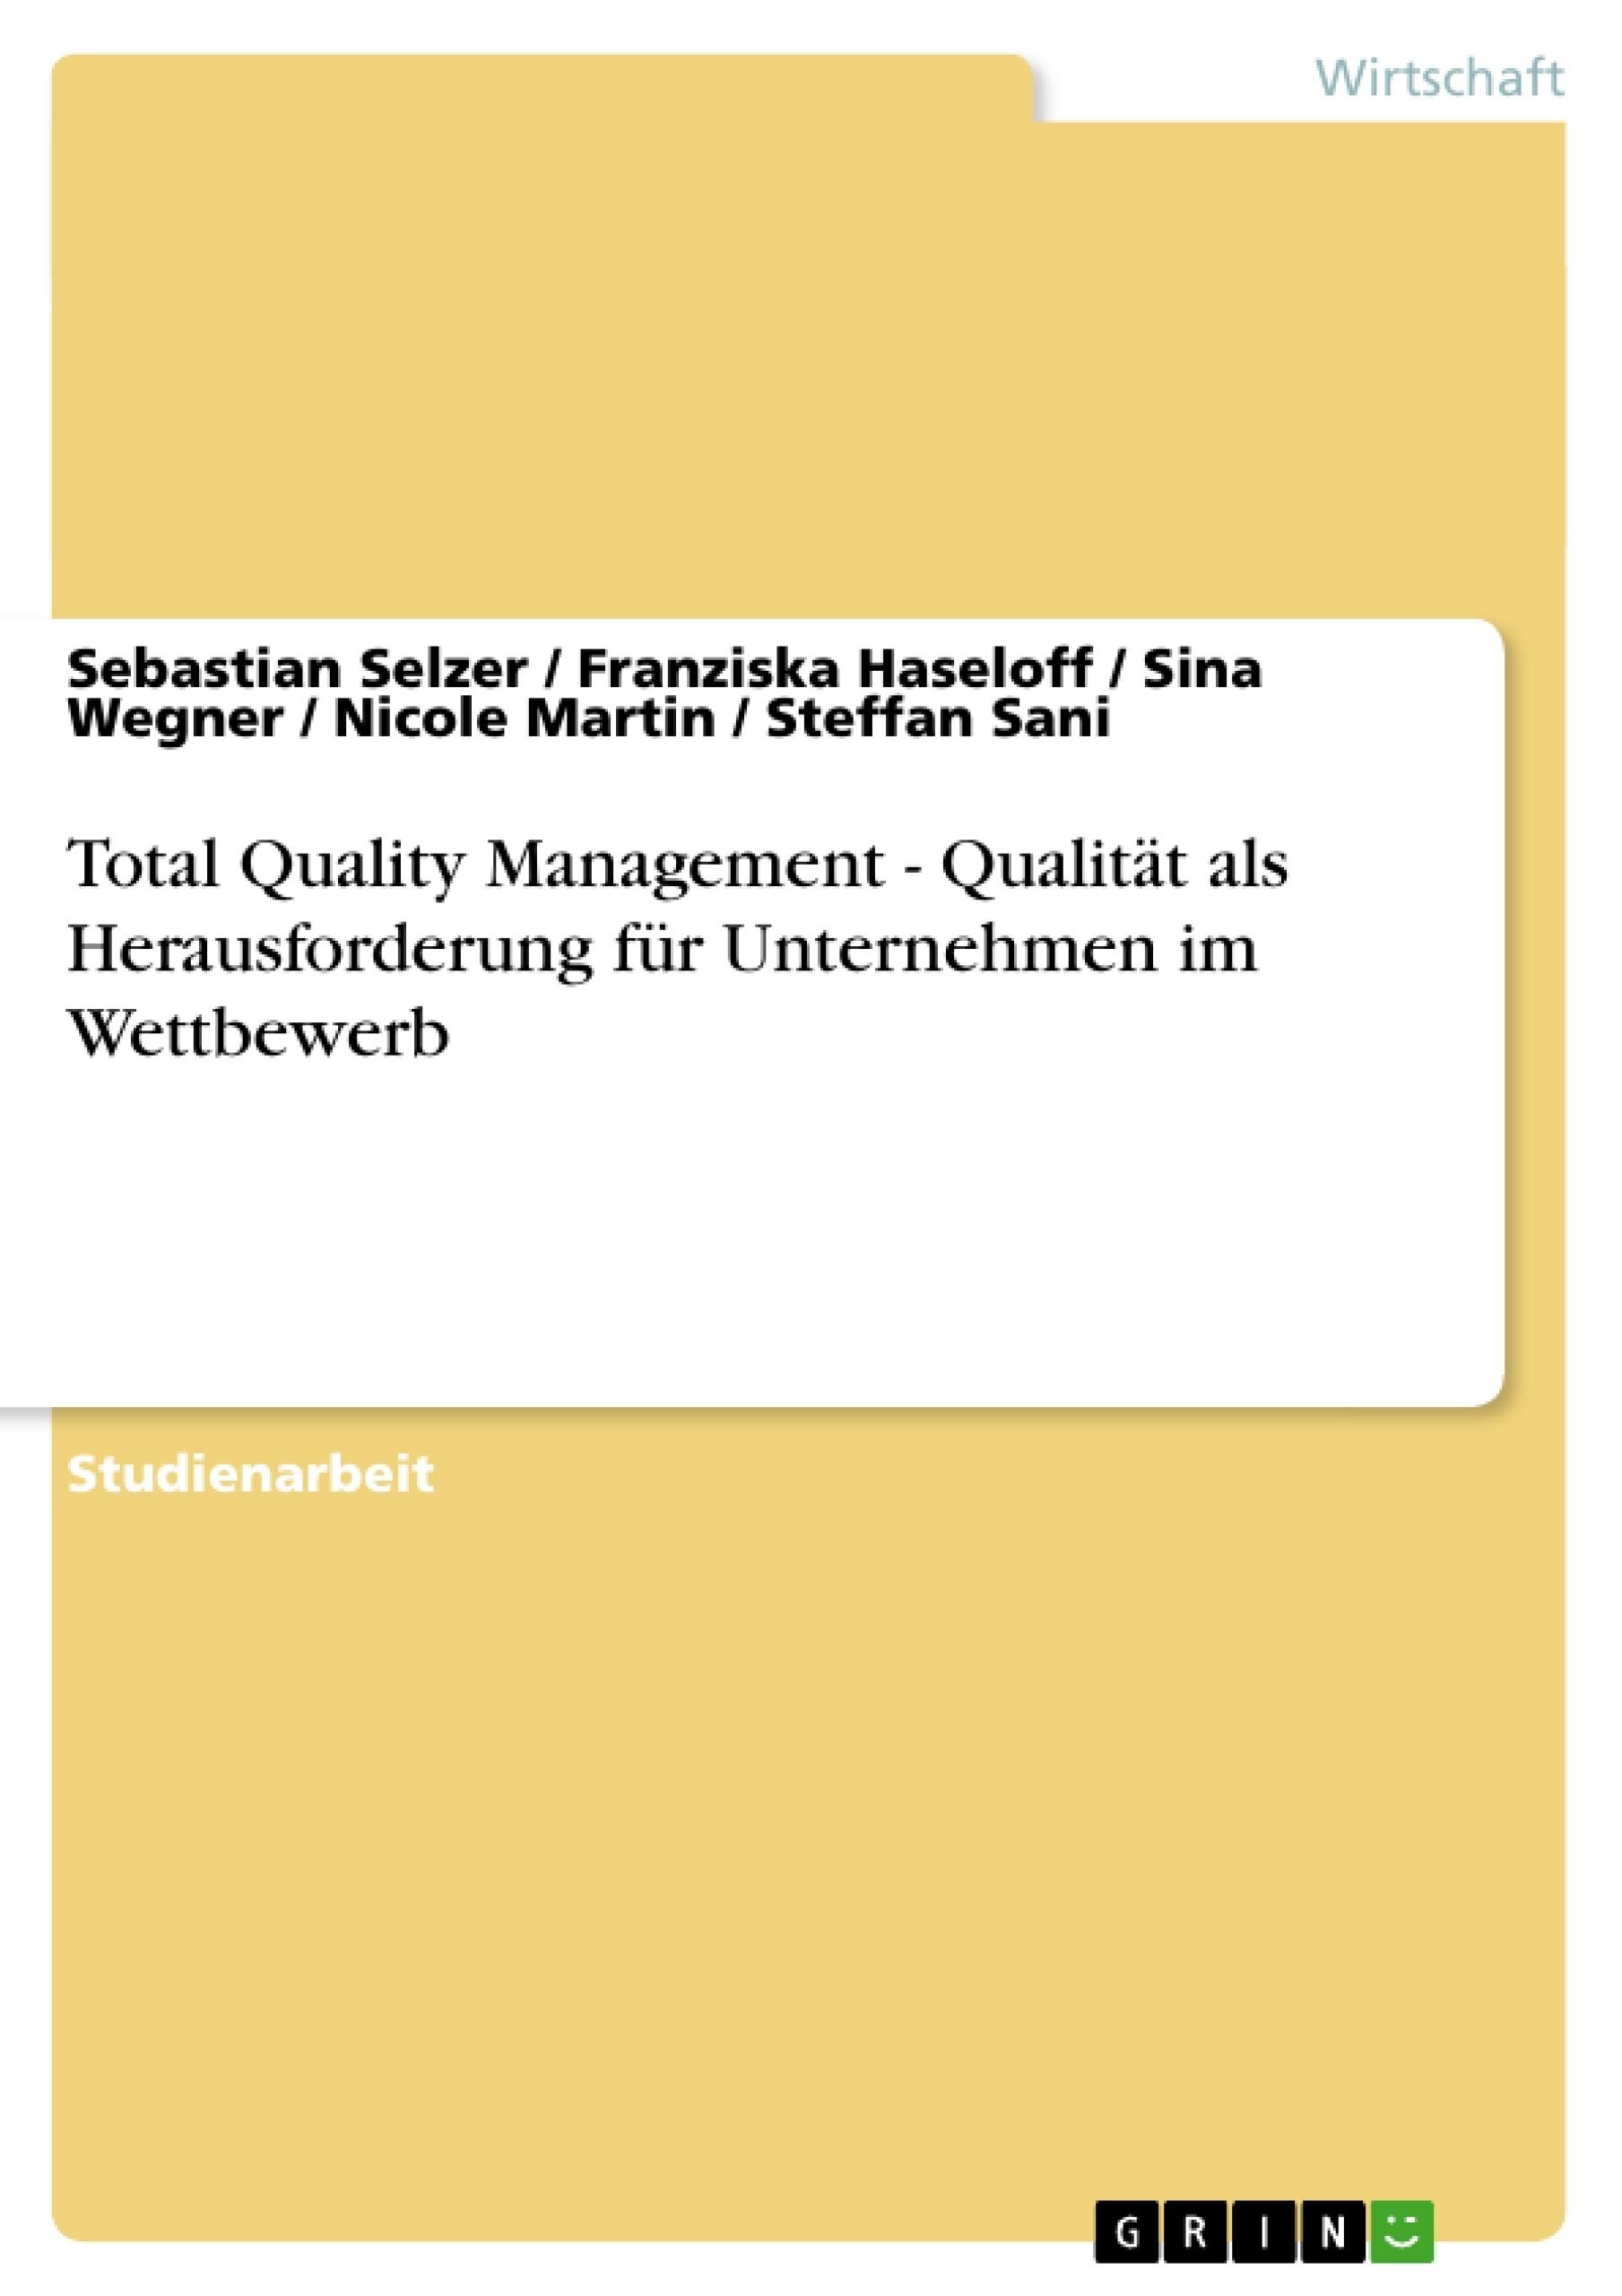 Titel: Total Quality Management - Qualität als Herausforderung für Unternehmen im Wettbewerb